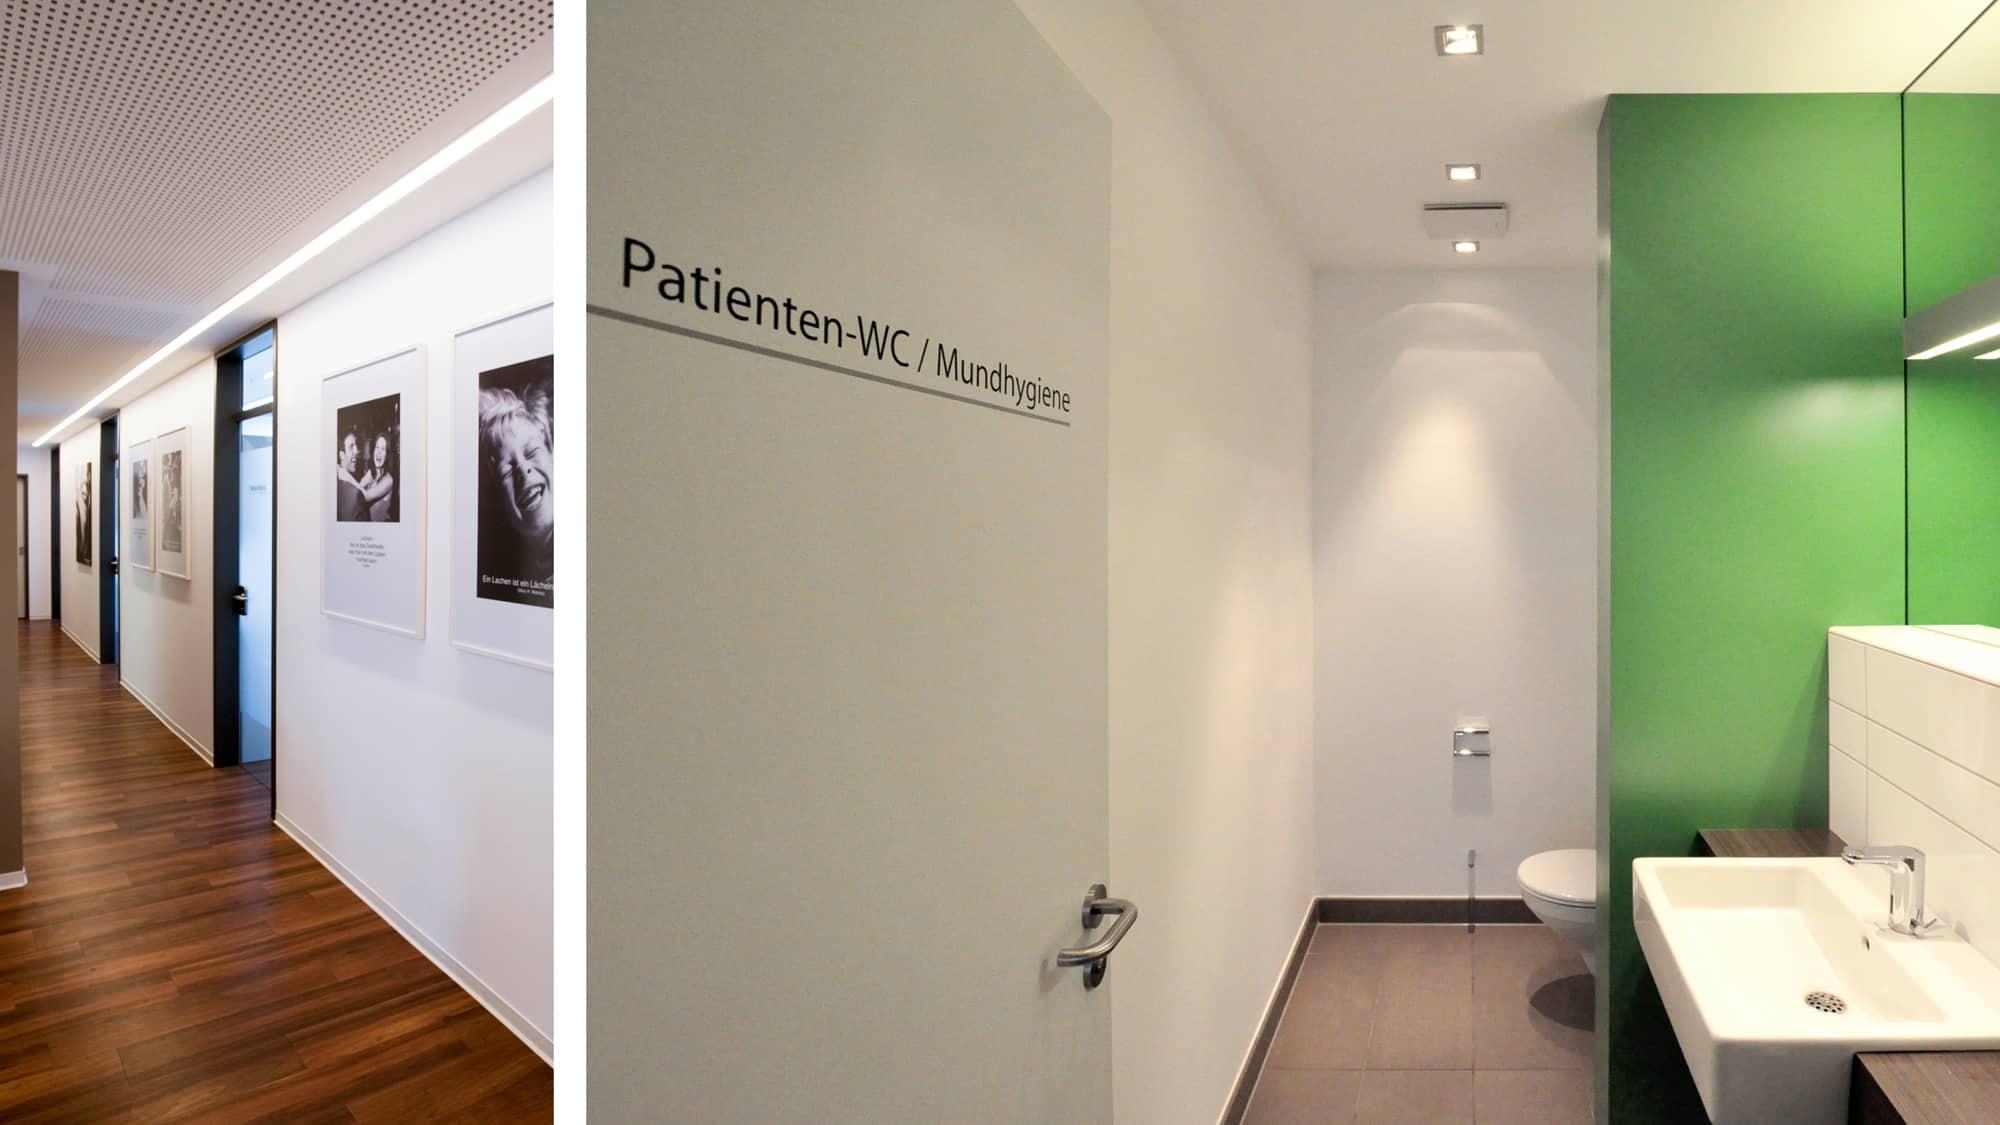 Praxisrundgang Zahnarztpraxis Dr. Gottwald in Koblenz - Flur zu den Behandlungsräumen und Patienten-WC, Mundhygiene